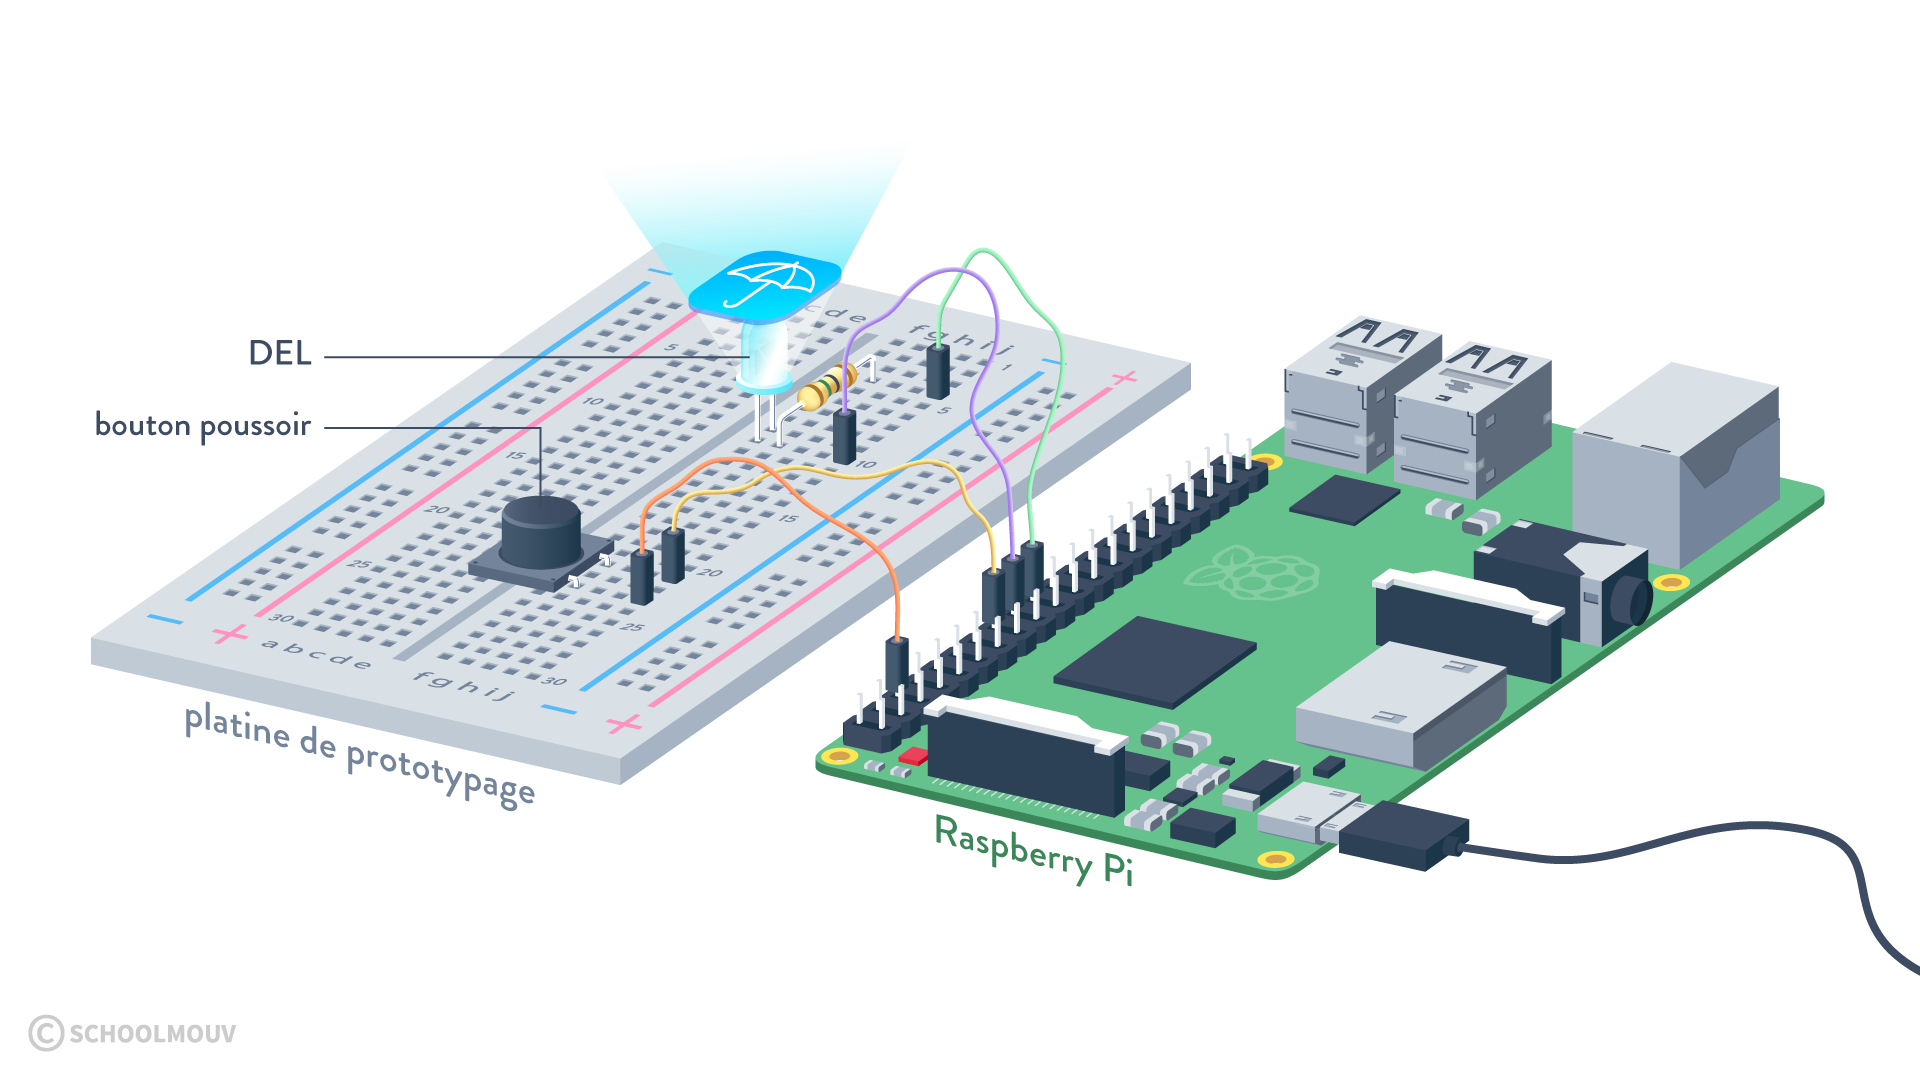 dispositif objet connecté raspberry pi platine de prototypage bouton poussoir DEL sciences numériques et technologie seconde